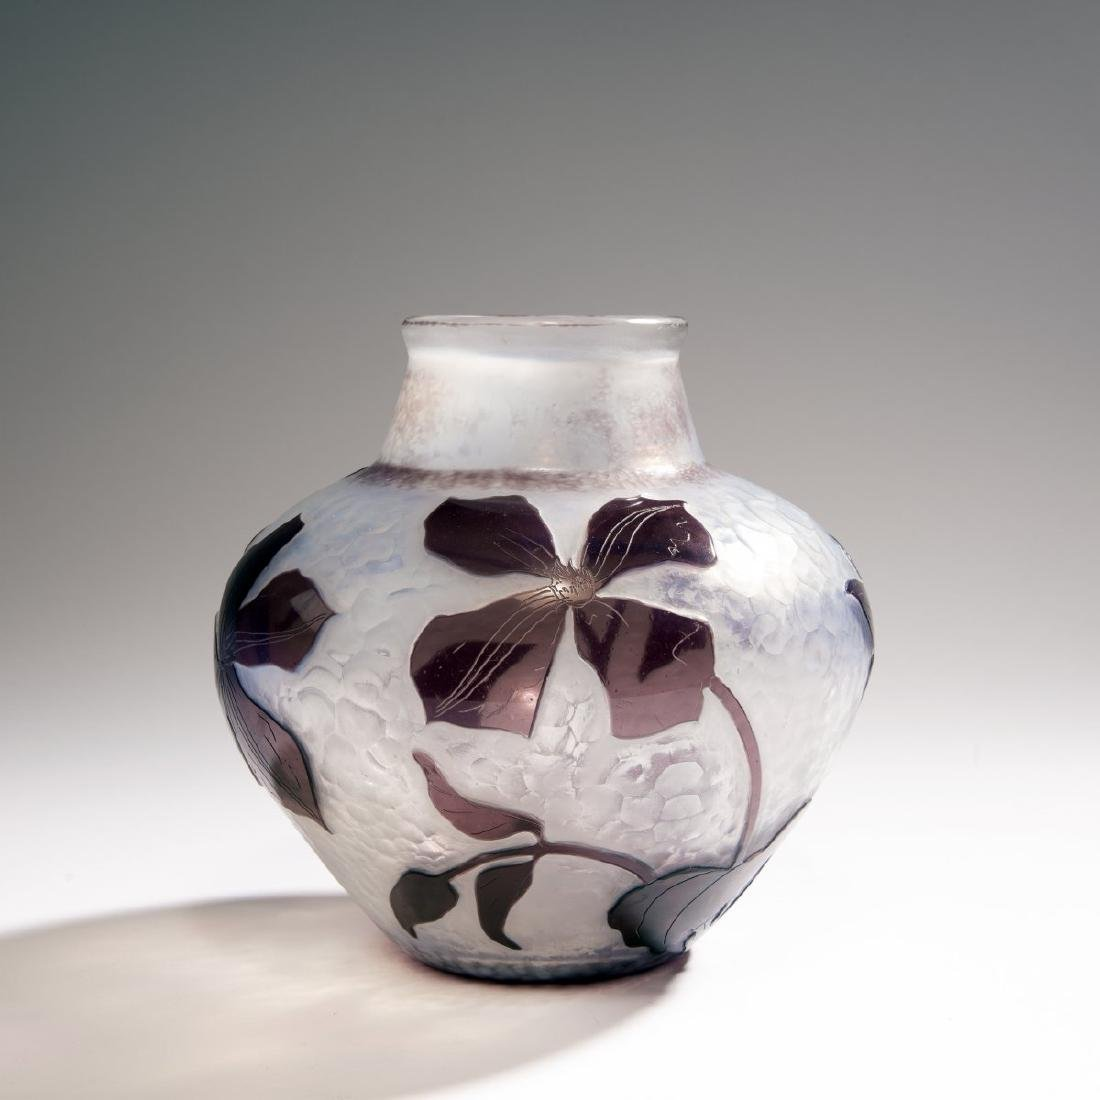 Daum Freres, 'Clematites' Martele vase, 1900-02